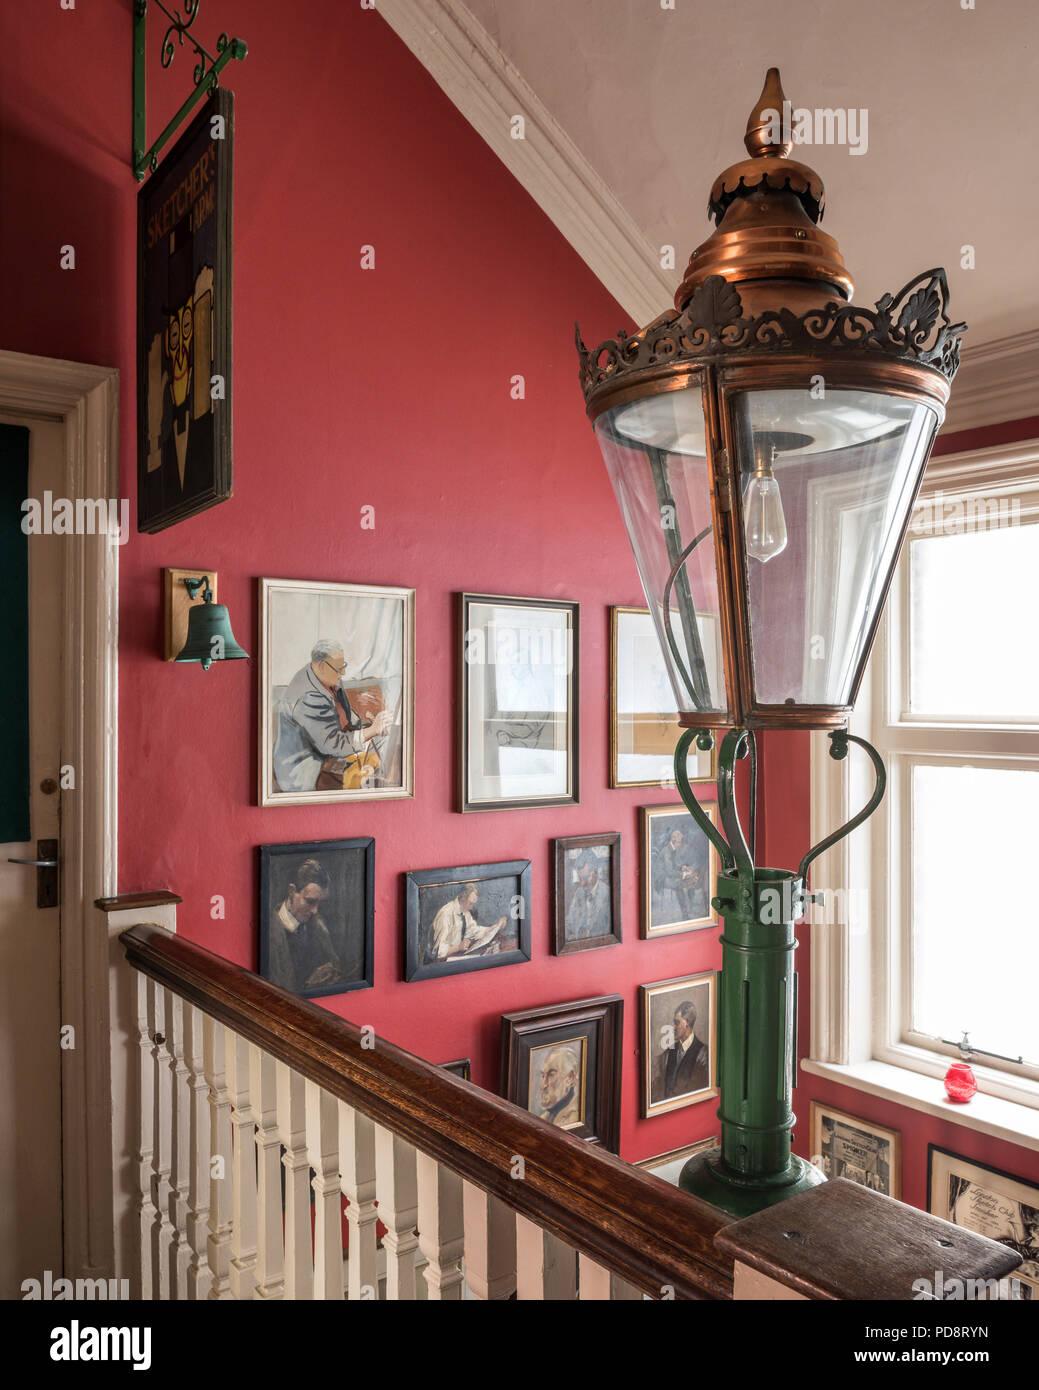 Haut de hall d'entrée escalier à la London Sketch club. Dans l'avant-plan est une vieille lampe de rue et les murs sont ornés de portraits assortis Photo Stock